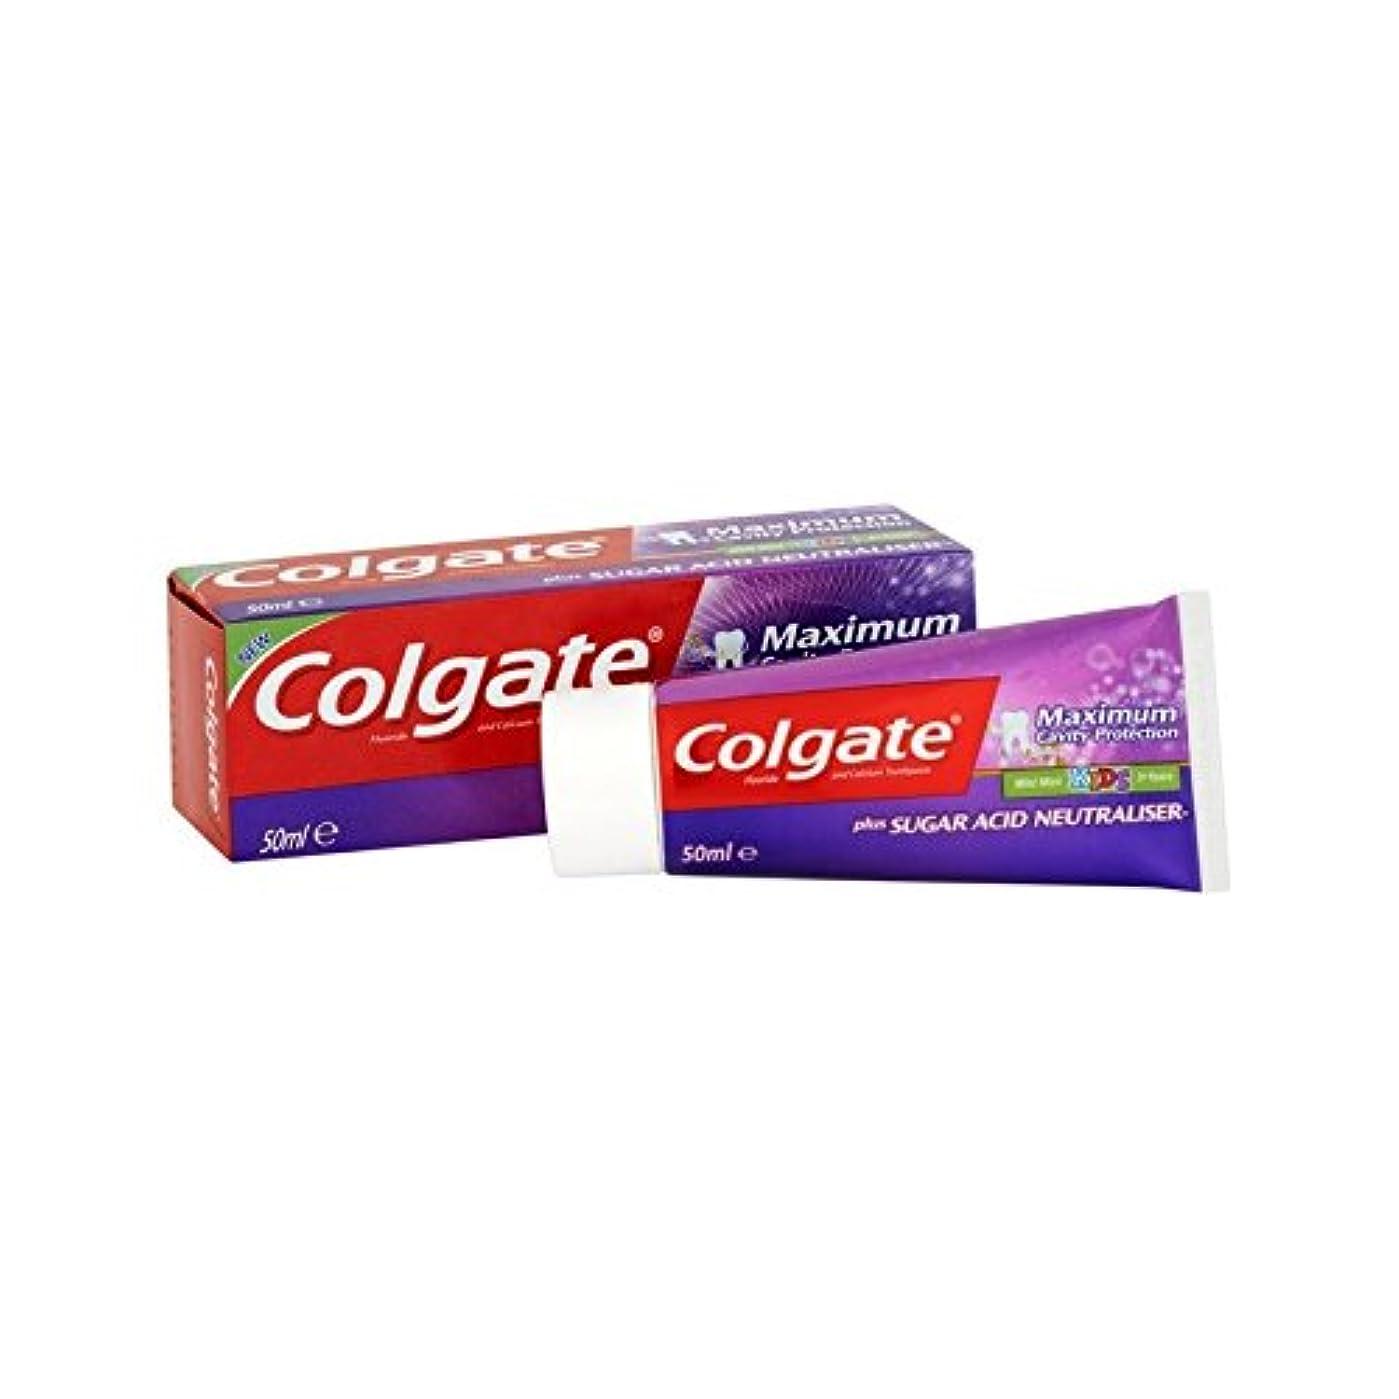 洗練された冷ややかな大使最大空洞の子供の50ミリリットルを保護 (Colgate) (x 2) - Colgate Maximum Cavity Protect Kids 50ml (Pack of 2) [並行輸入品]